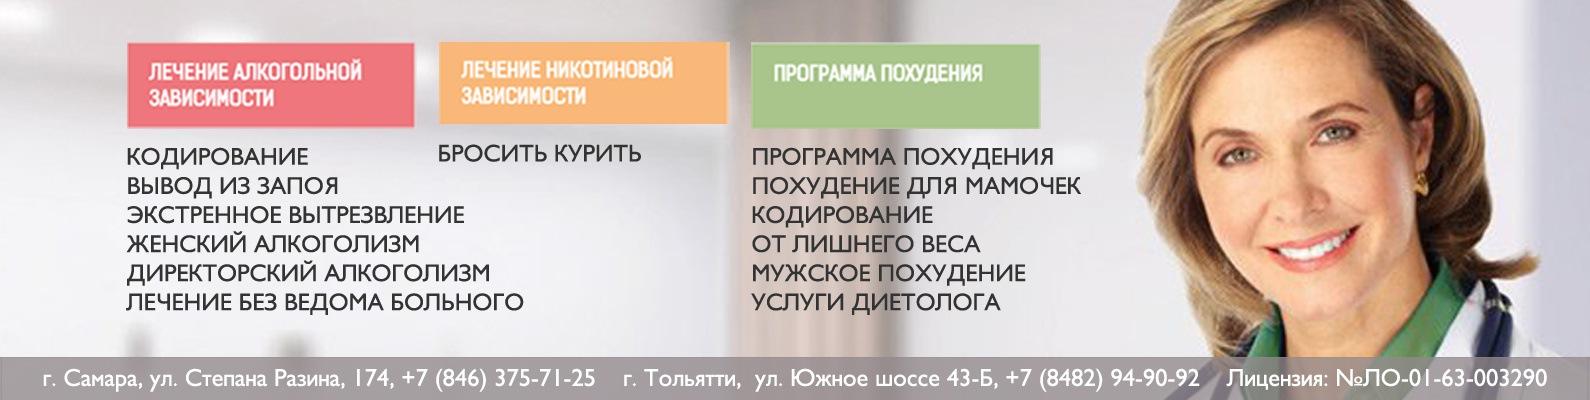 Медицинский центр «Открытие» | ВКонтакте